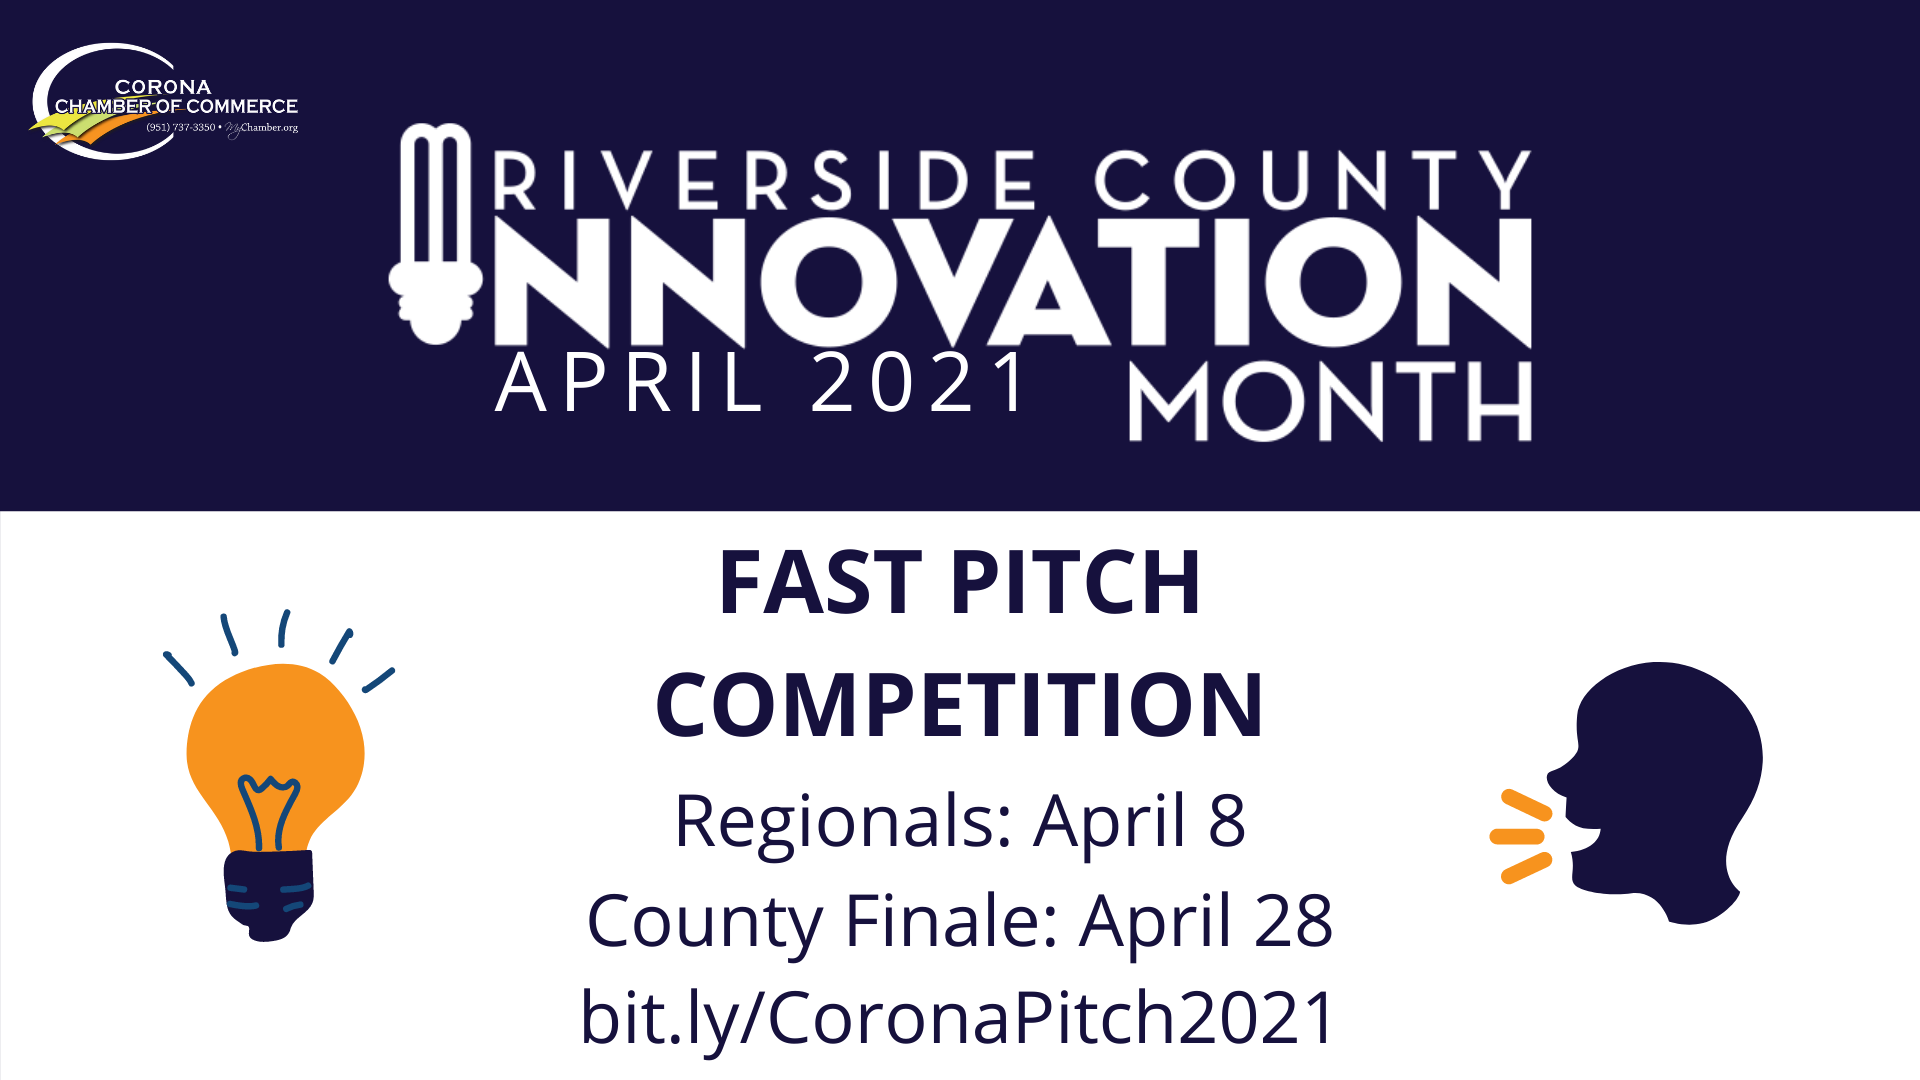 Innovation April 2021